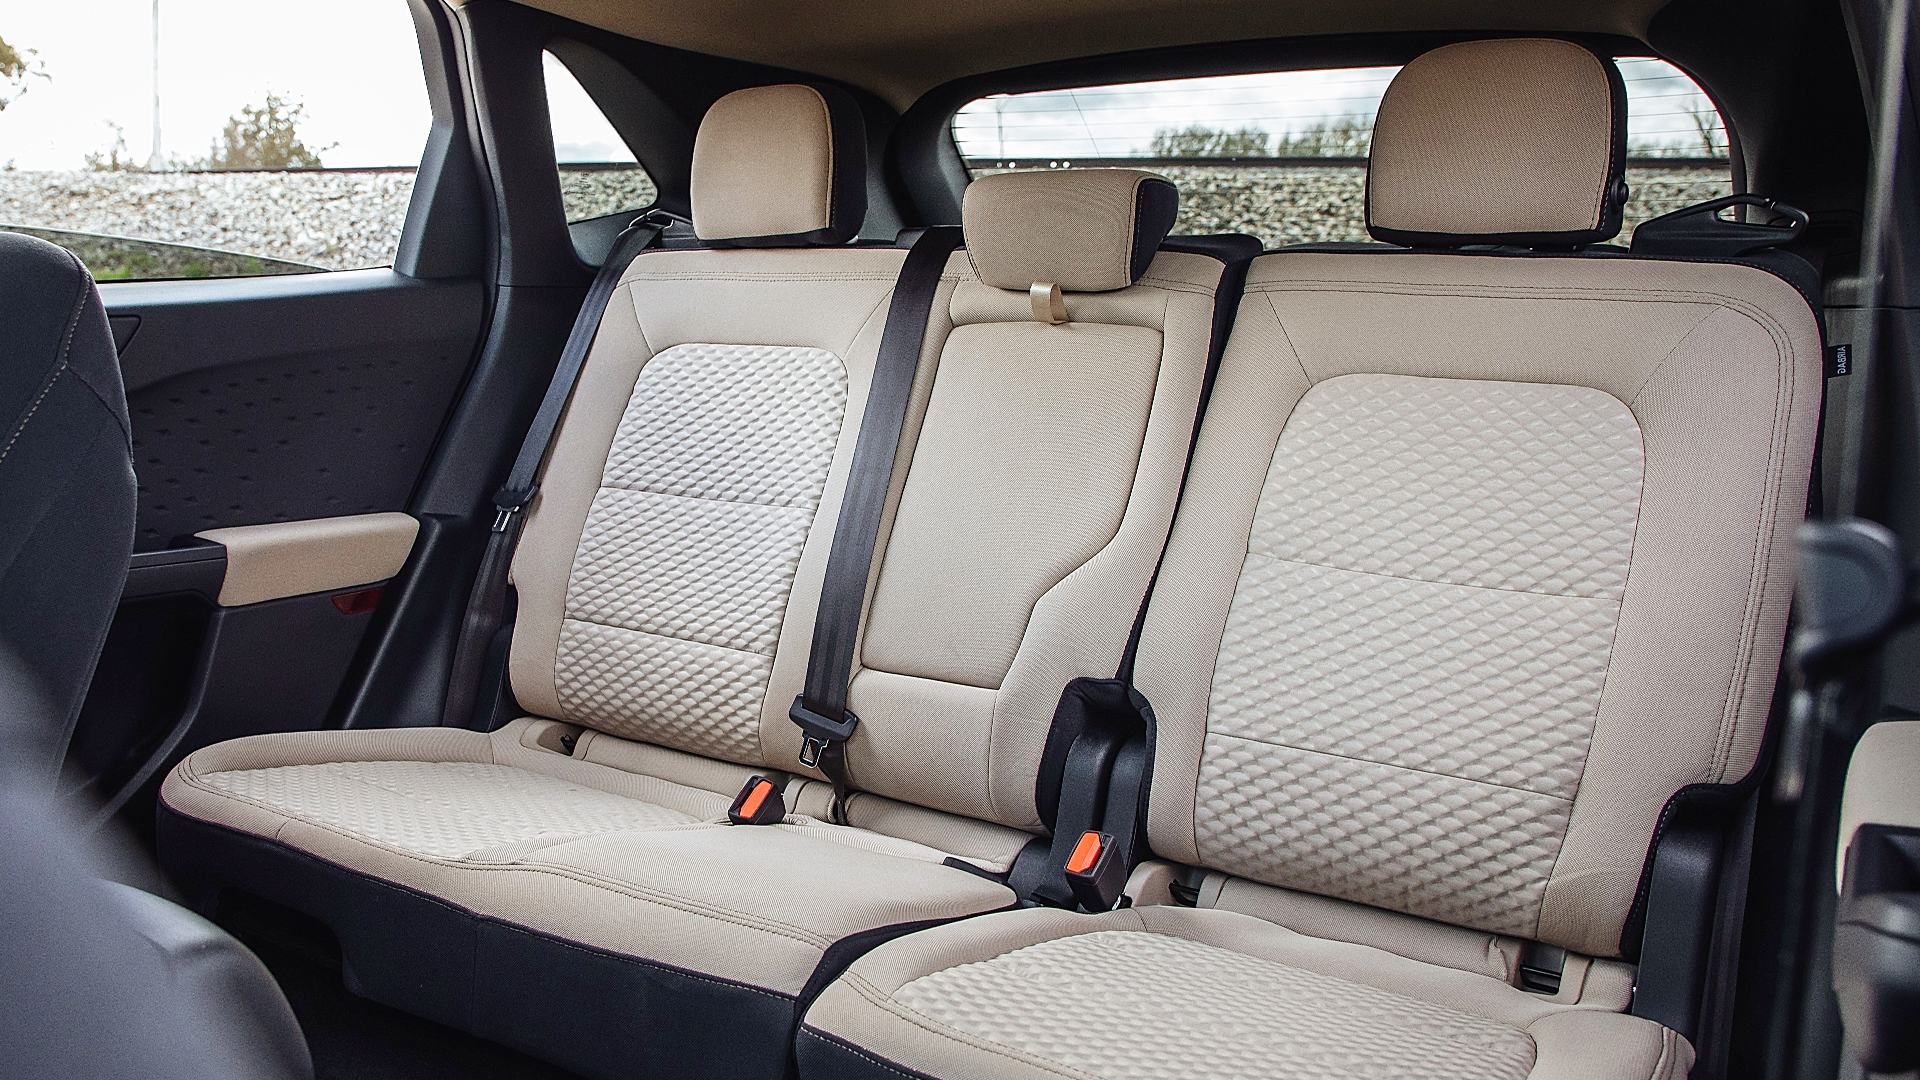 2020 Ford Escape Inside Interior